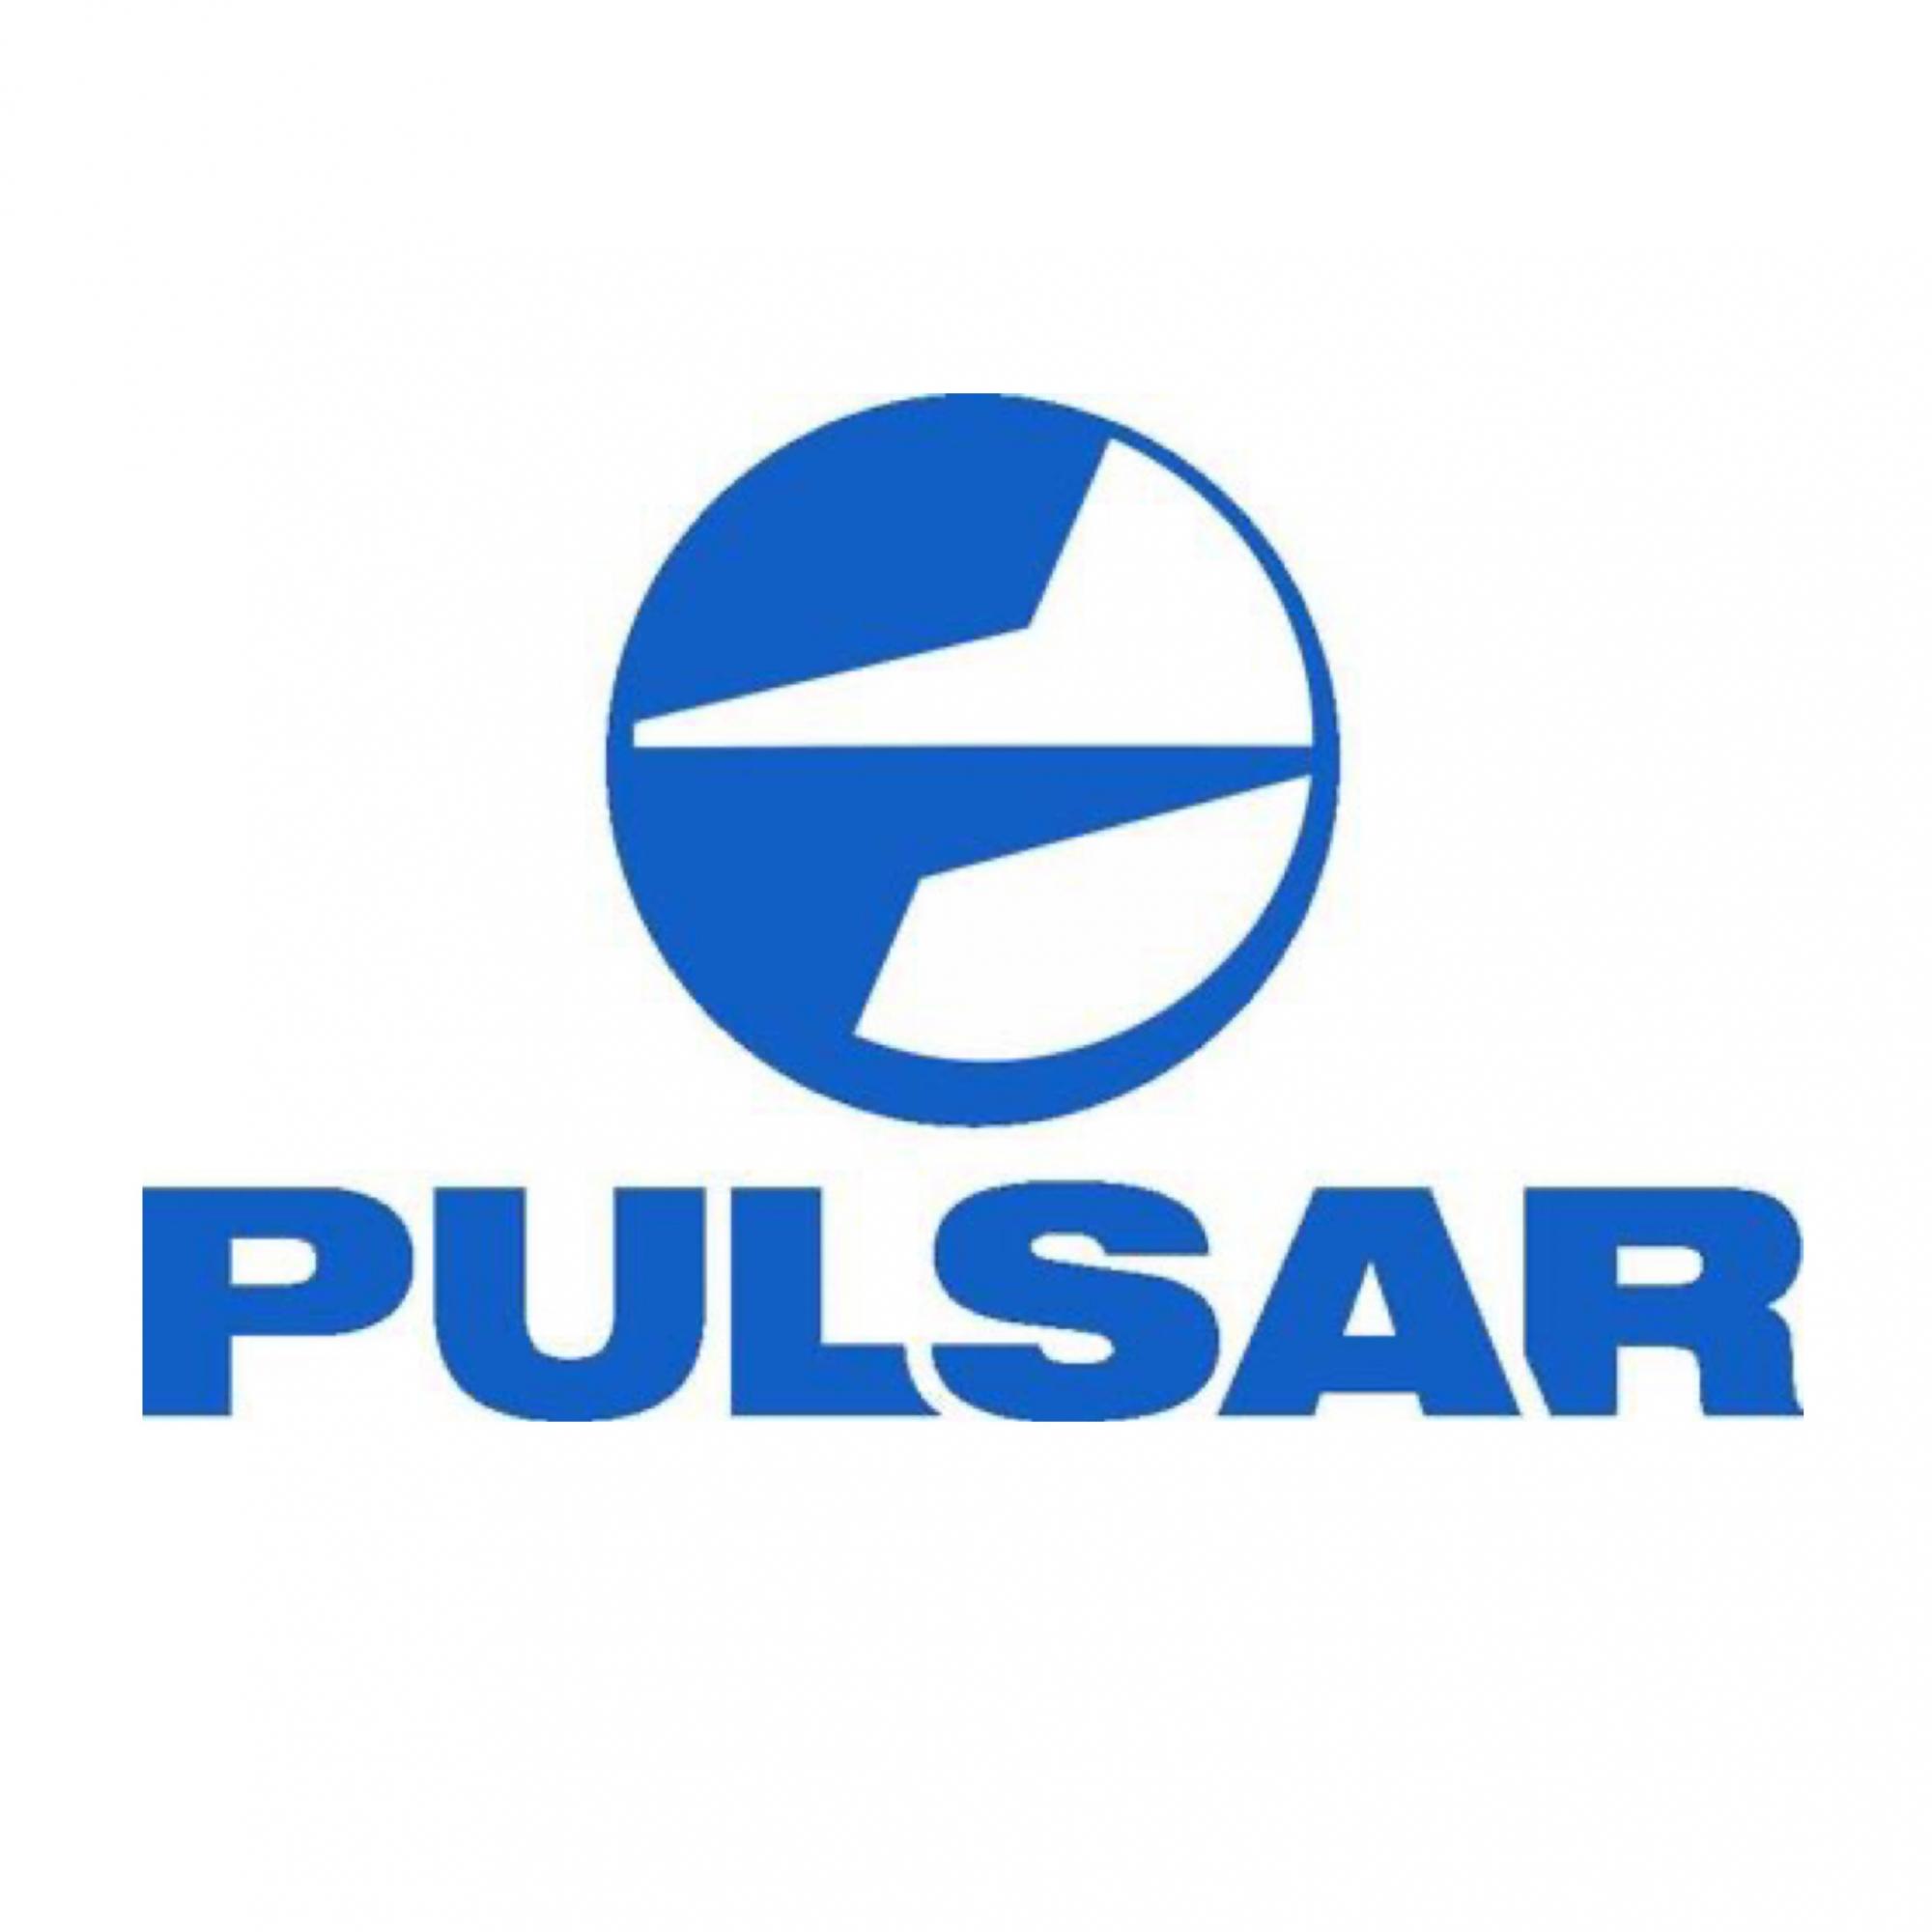 Tillbehör Pulsar - Jakt & Vildmark